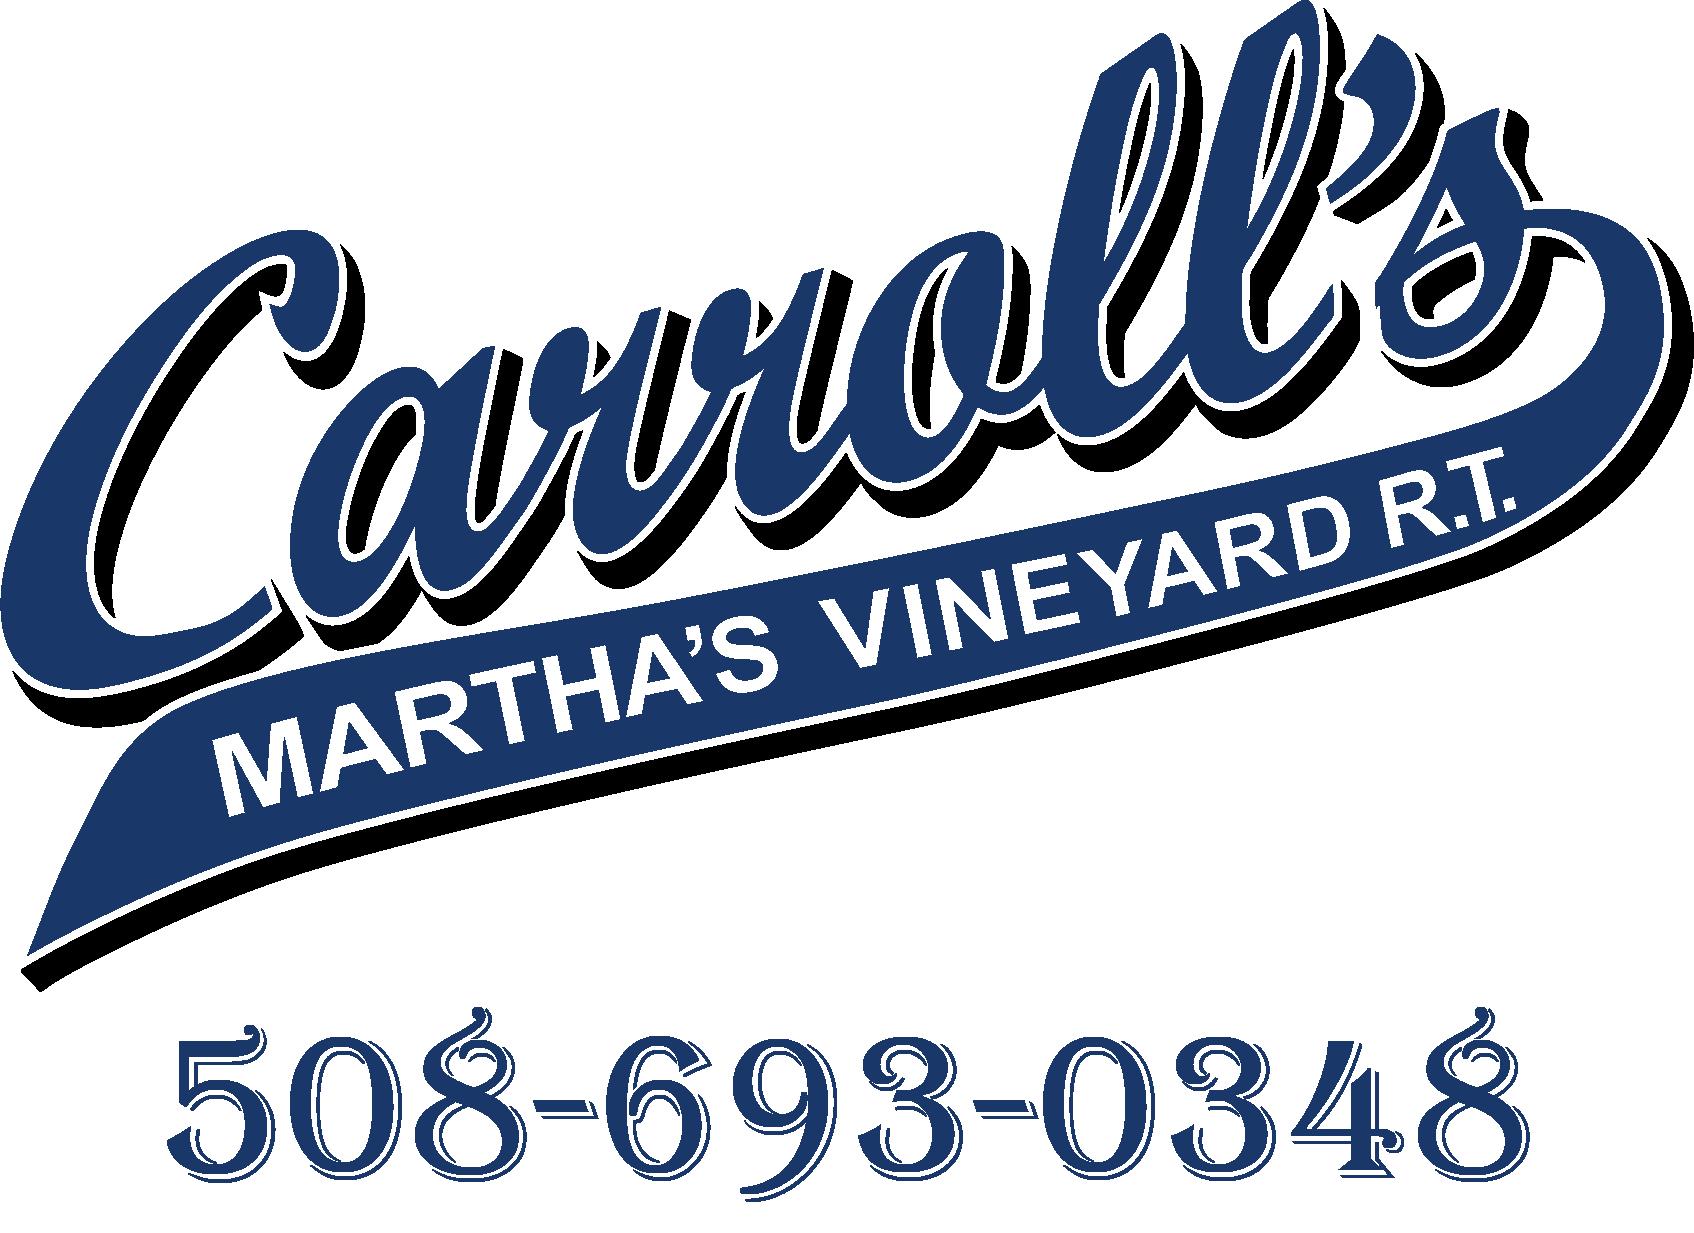 Carrolls_Logo.png